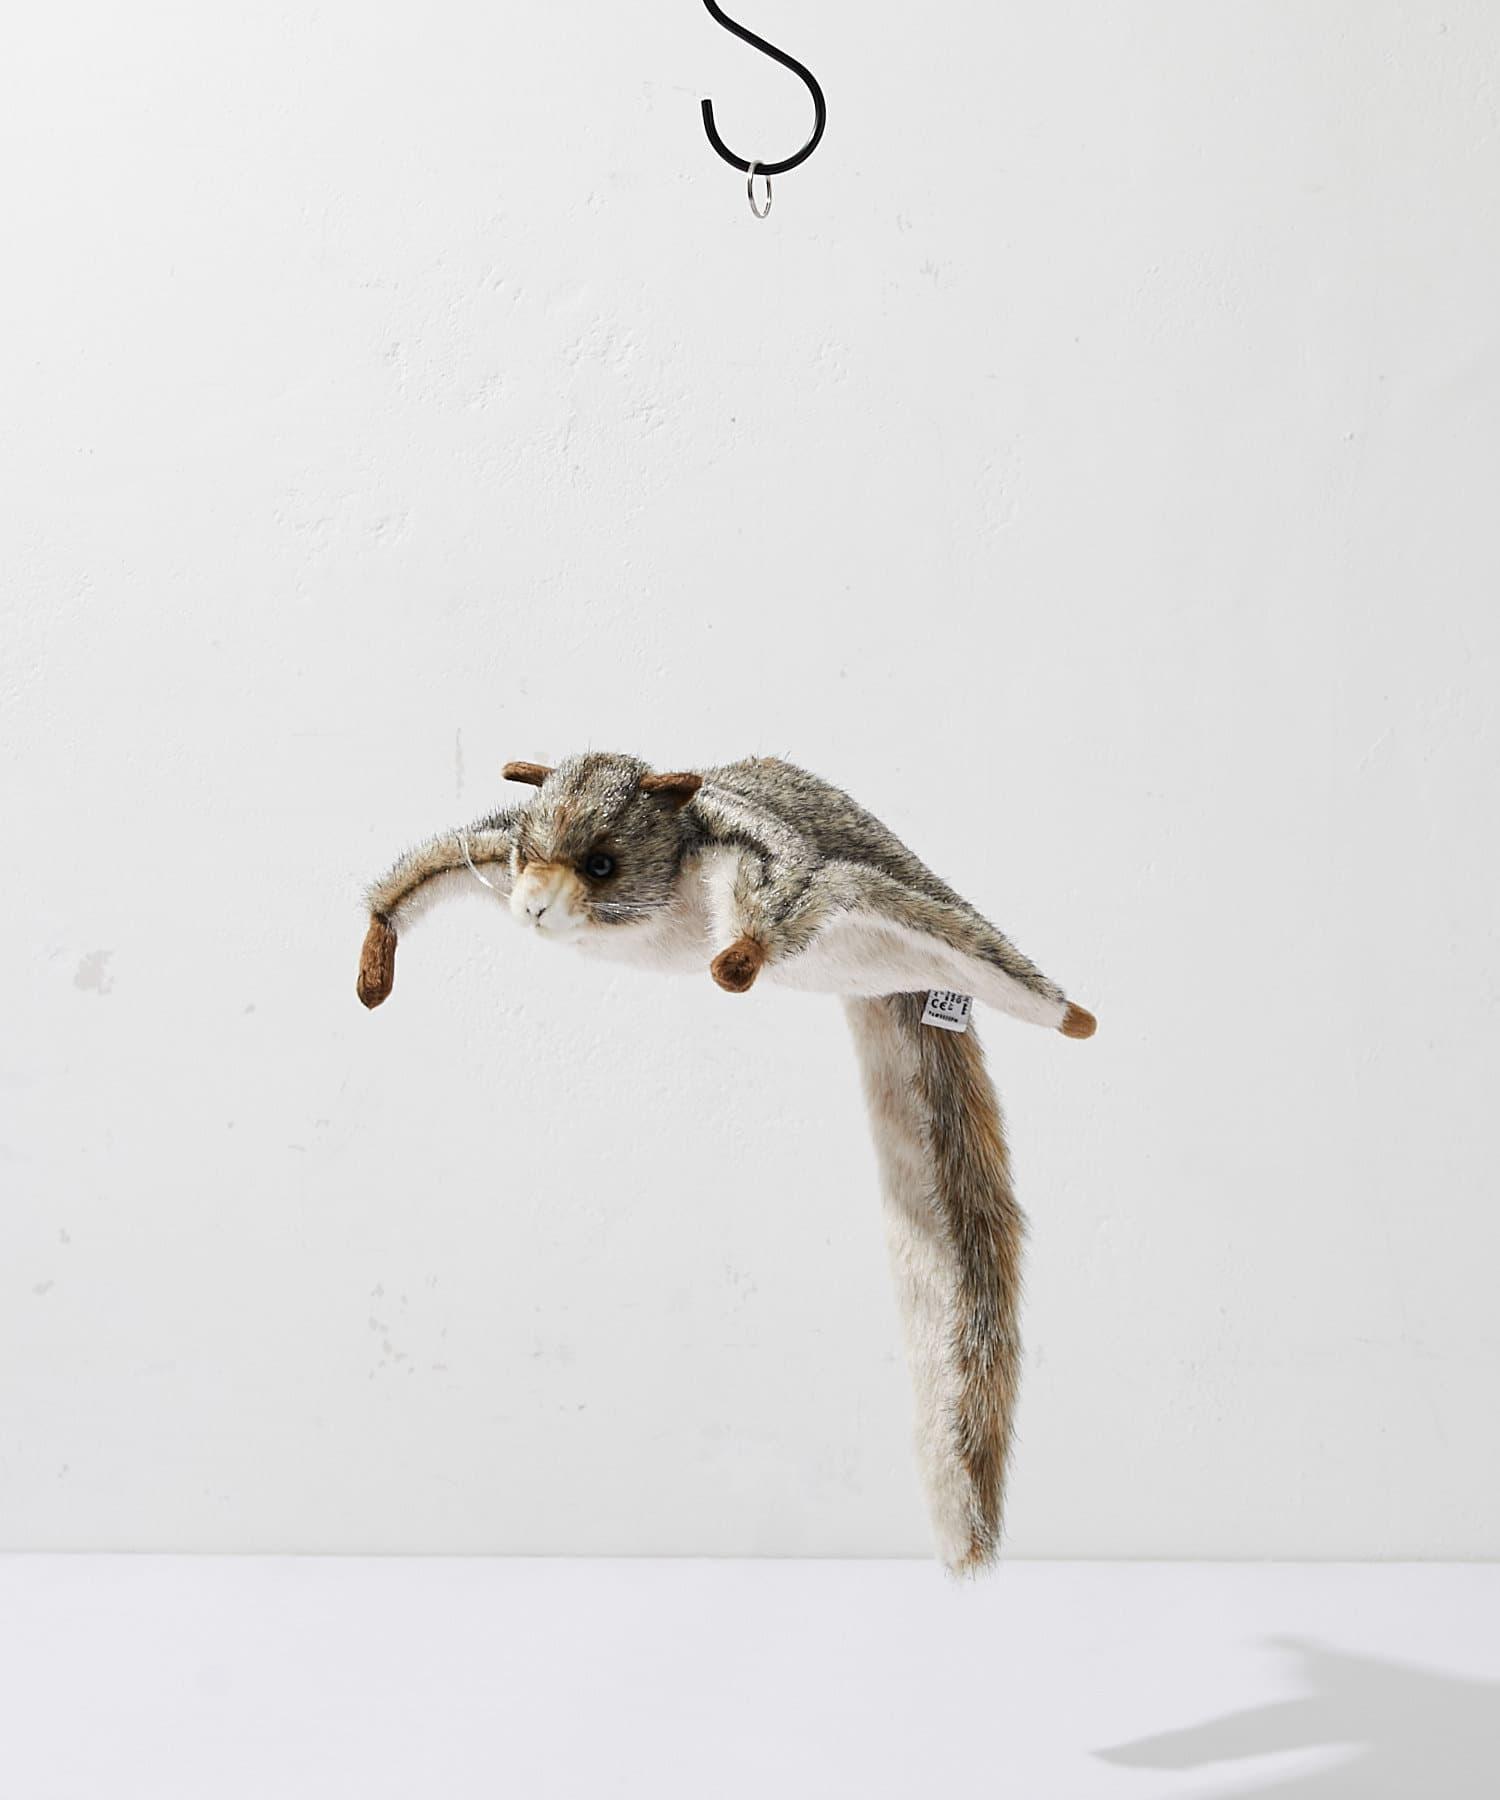 BONbazaar(ボンバザール) ライフスタイル 【HANSA】ムササビ FLYING SQUIRREL カラーなし